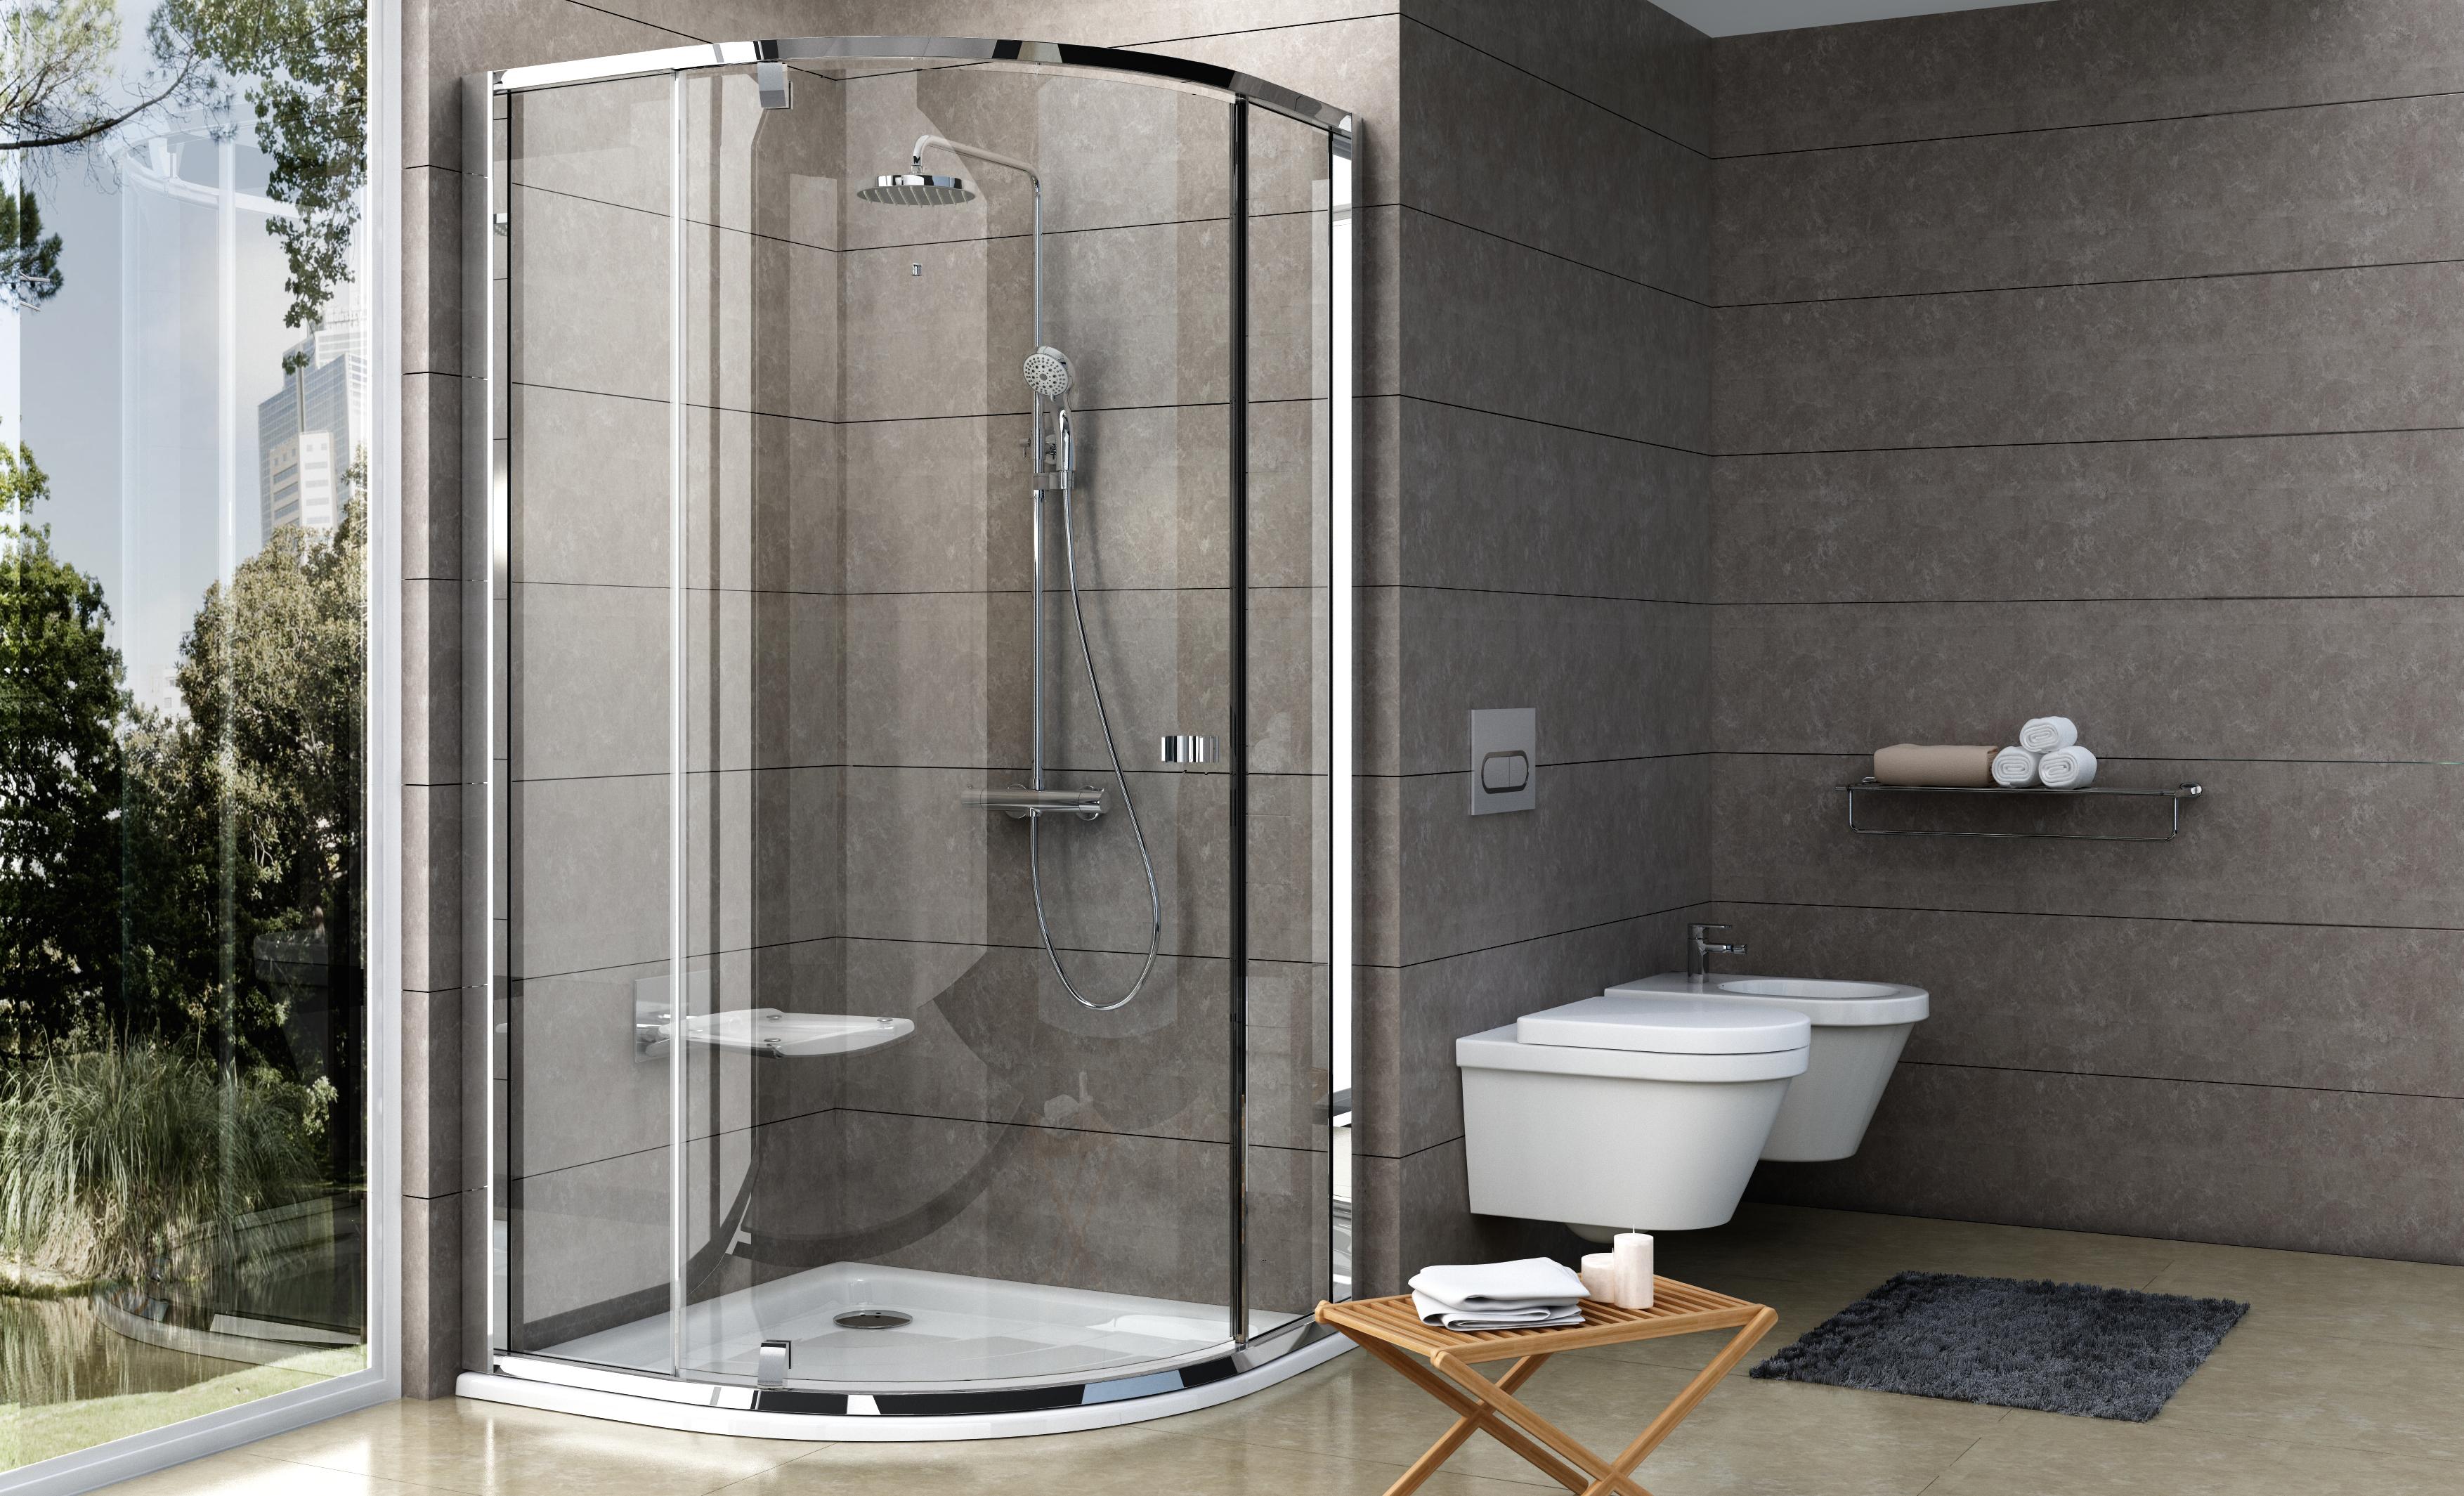 Egy negyedköríves zuhanyzó kialakítása igazán helytakarékos megoldás a fürdőszobában.